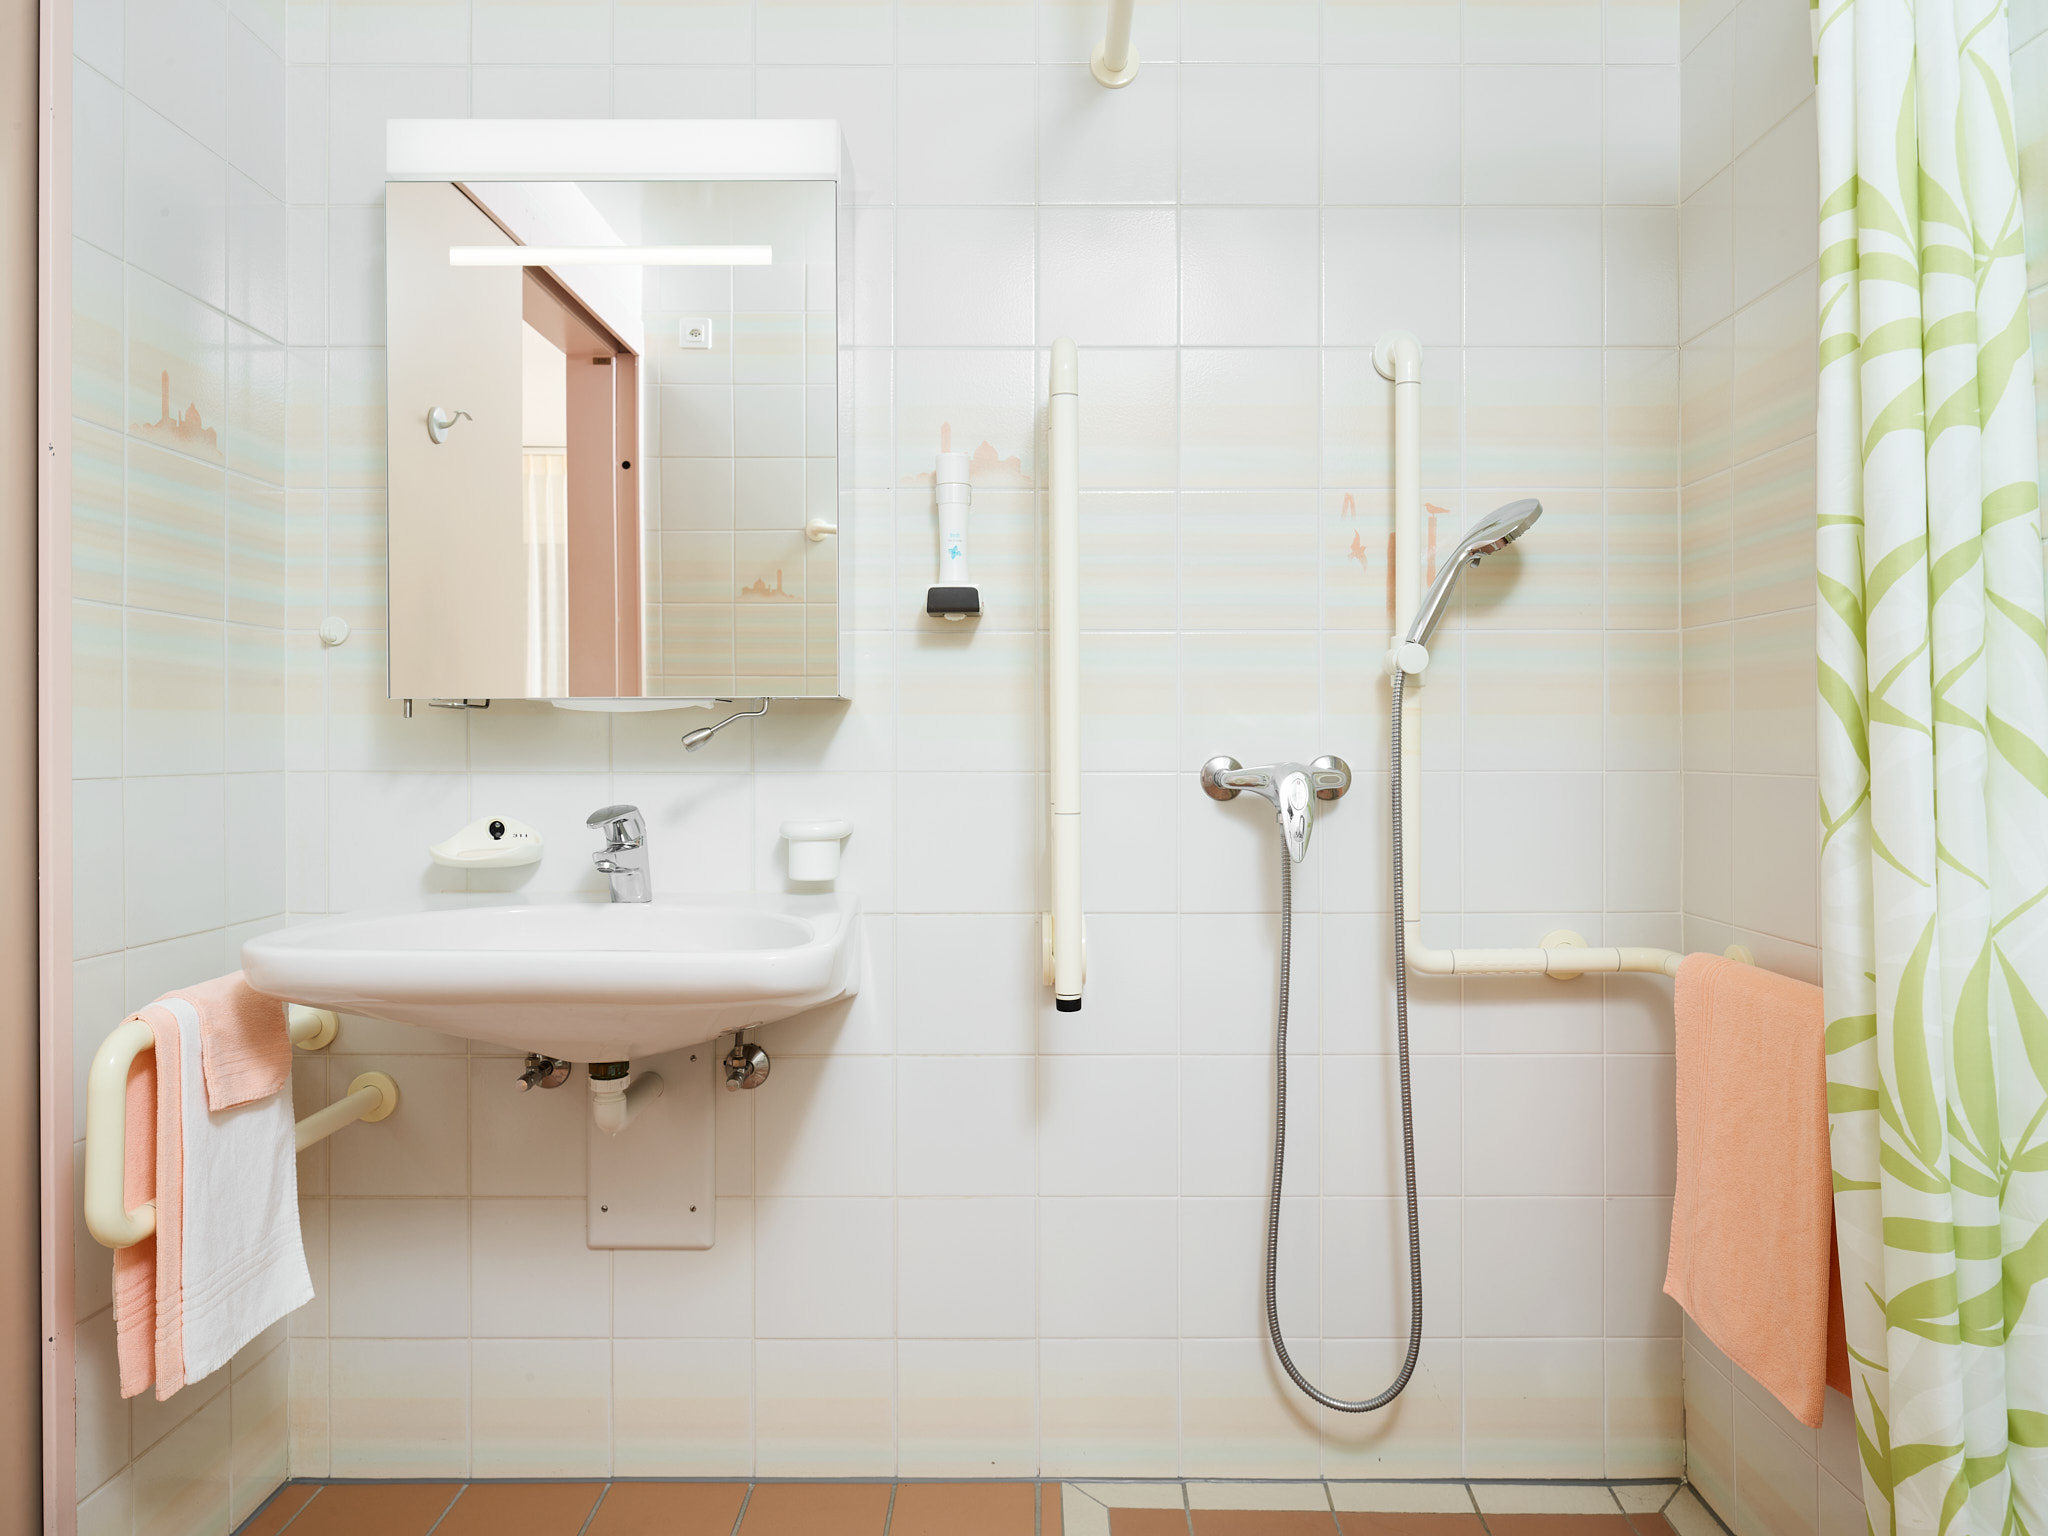 EMS Meyrin - Résidence Jura - Salle de bain